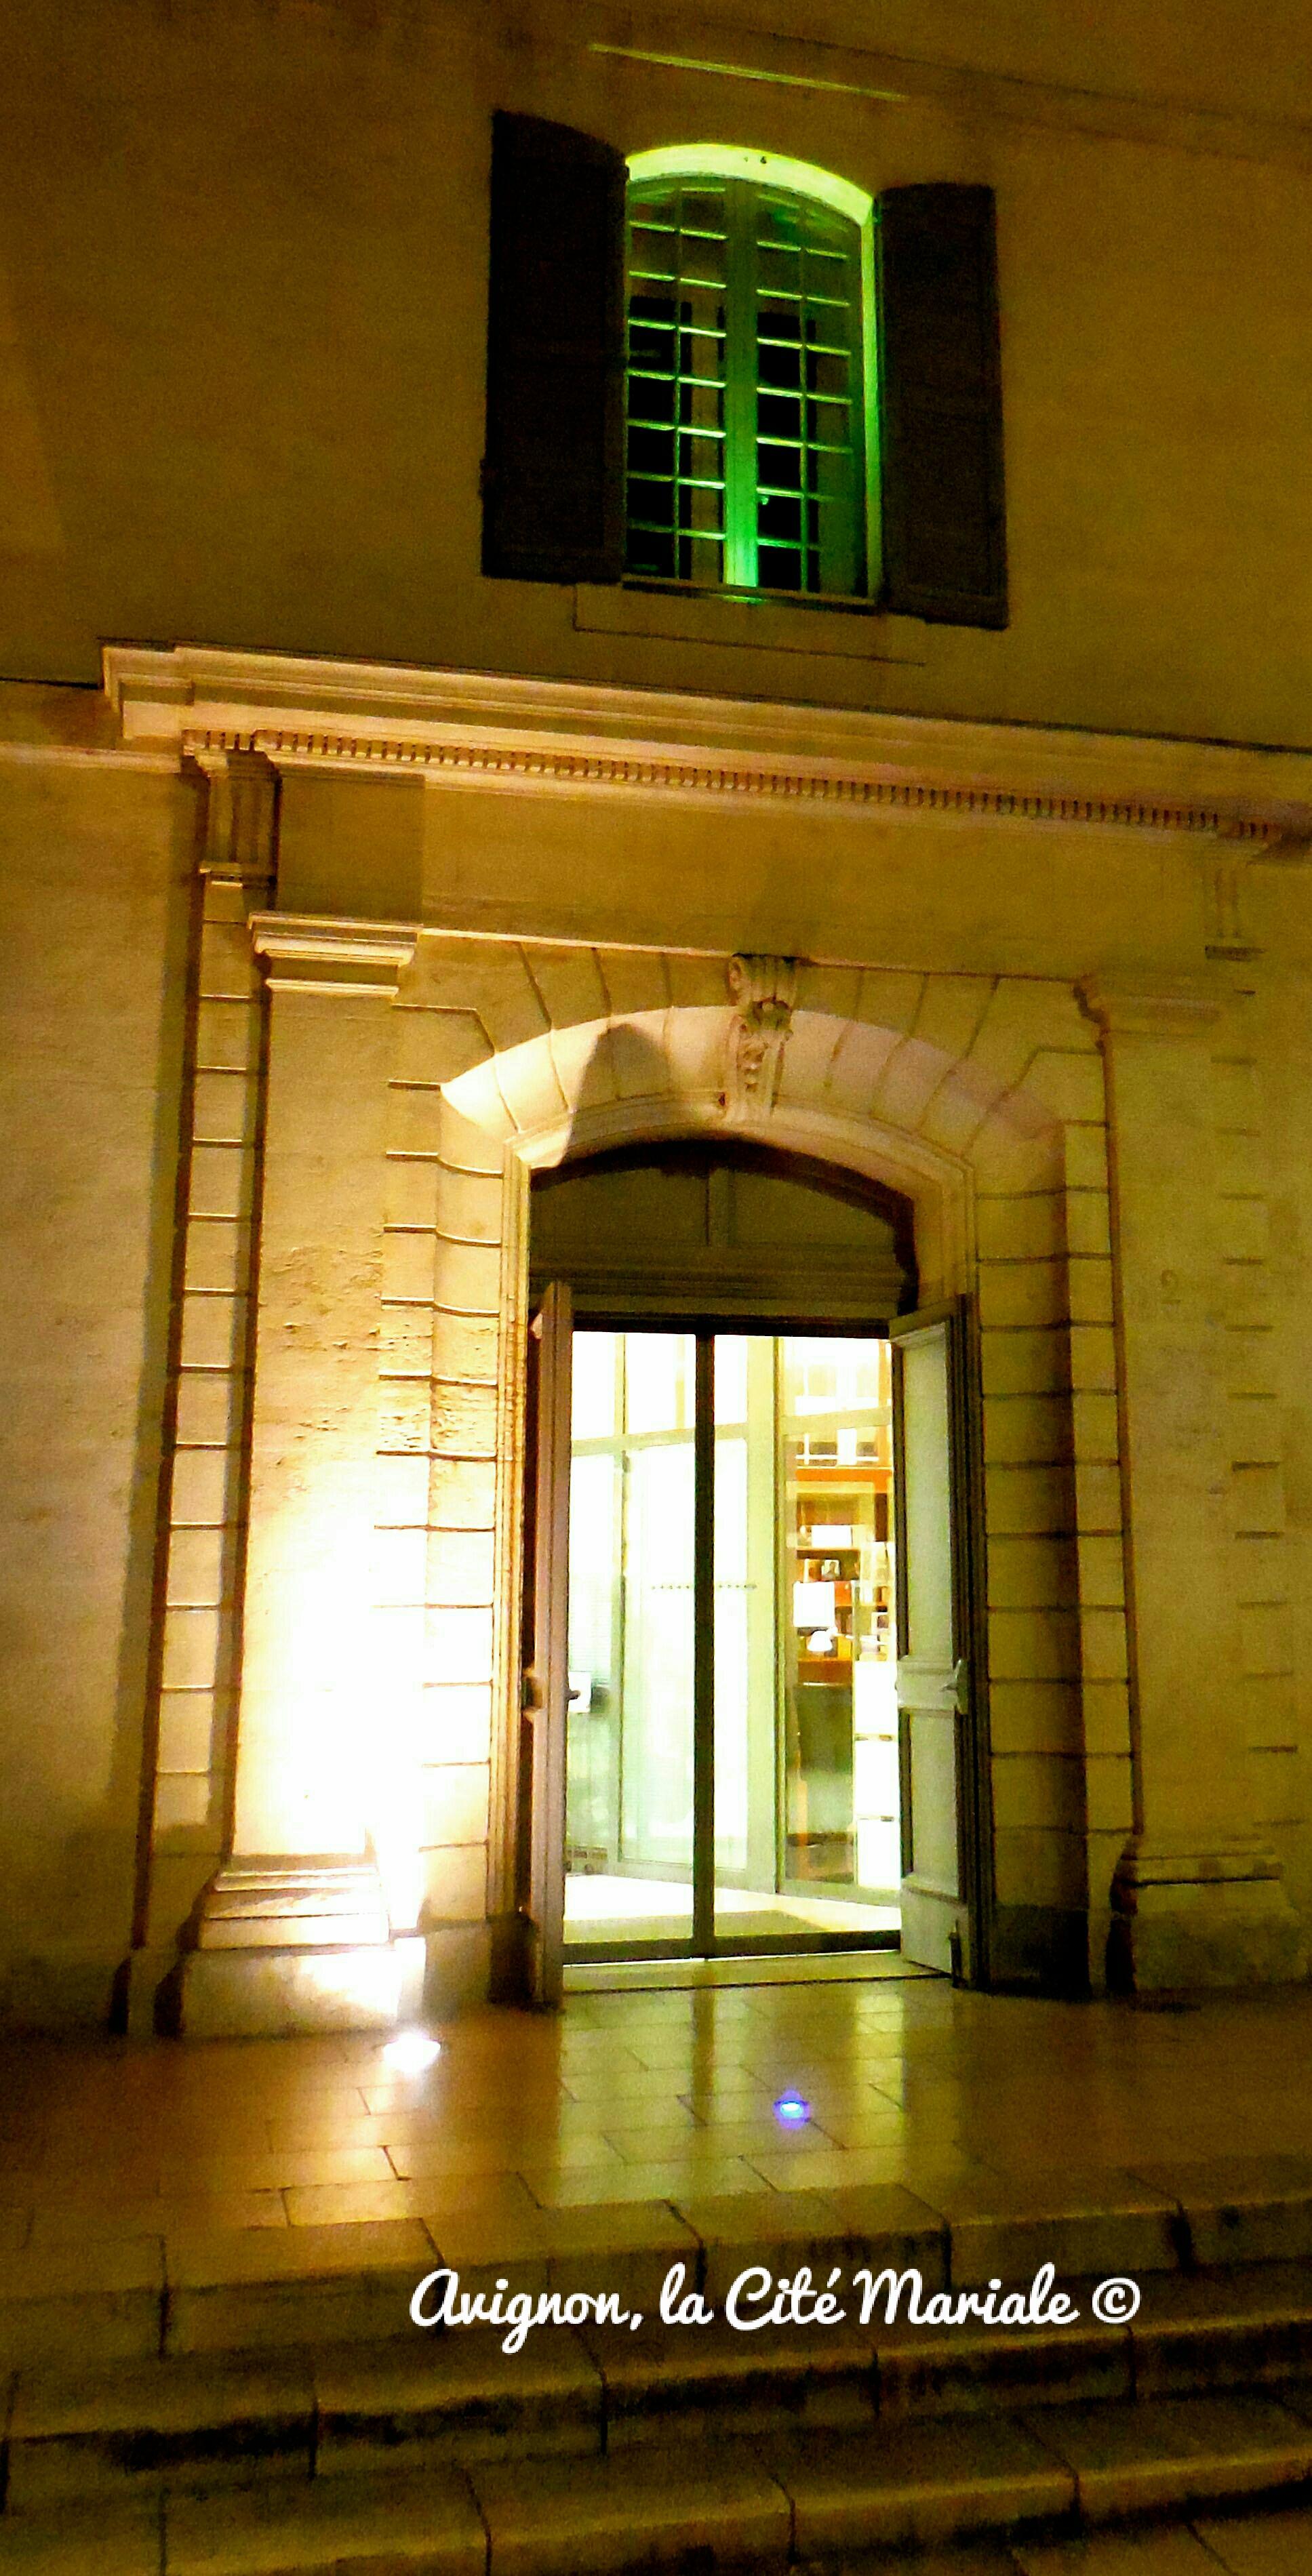 Conservatoire de musique - 64